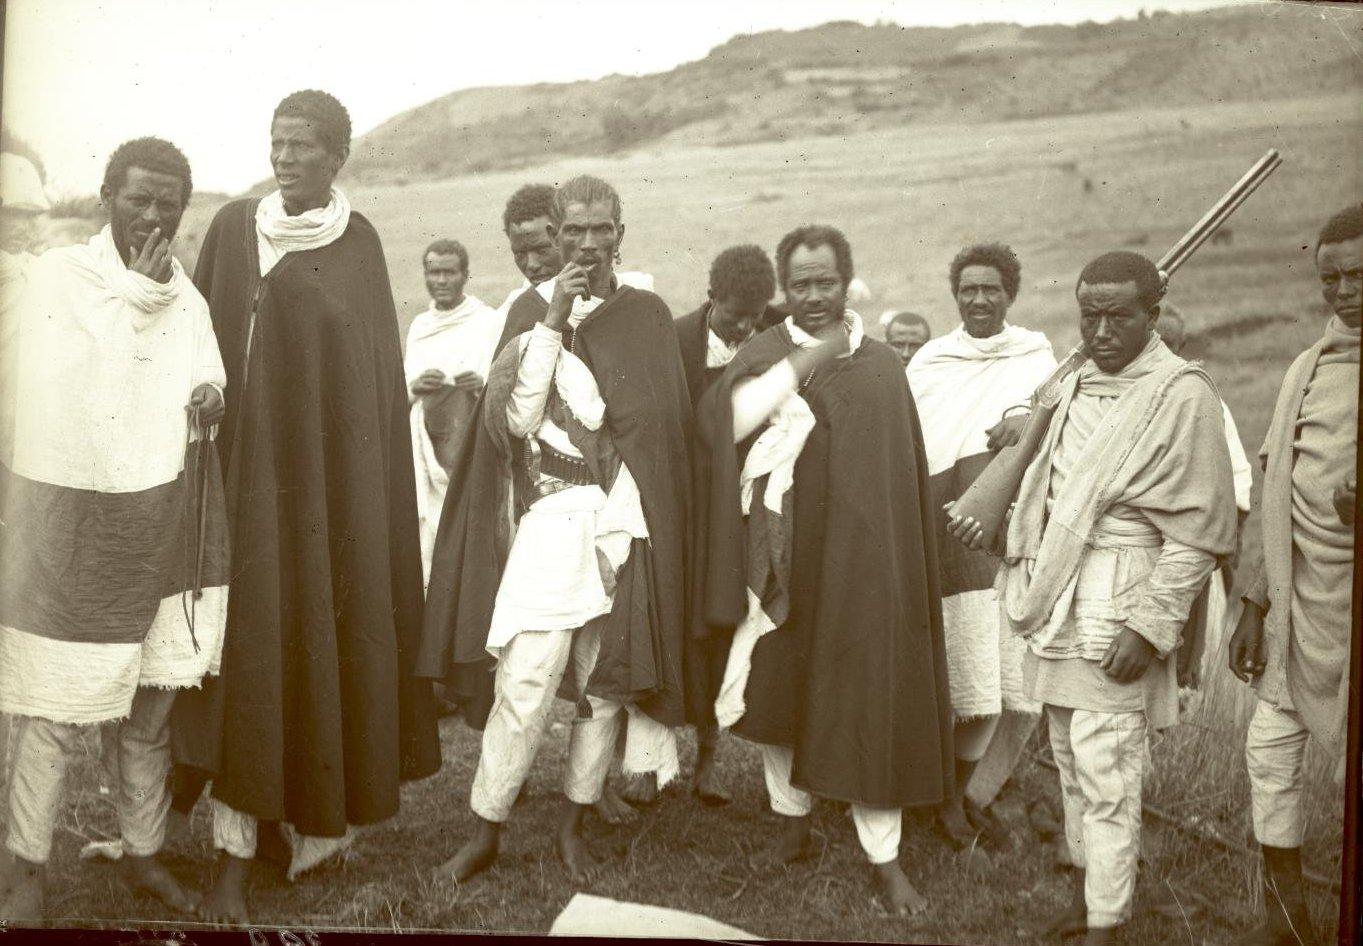 329. 1899. Абиссиния. г. Аддис-Абеба. Деджасмач (воевода) Демесье со свитой